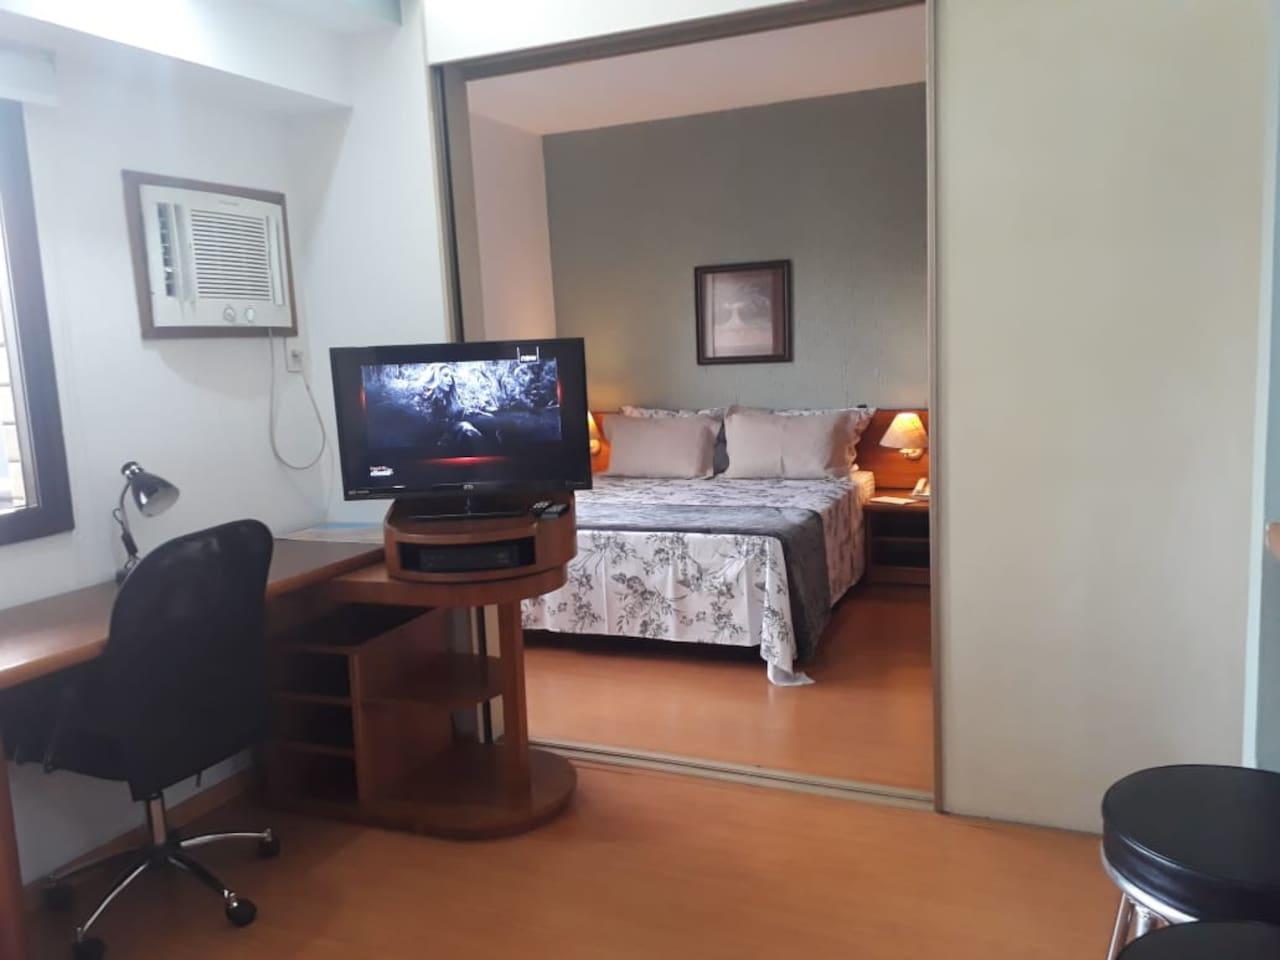 Sala conjugada com o quarto com divisórias moveis, ar condicionado, TV a cabo, rack giratório, internet exclusiva, mesa de trabalho, cadeira giratória.